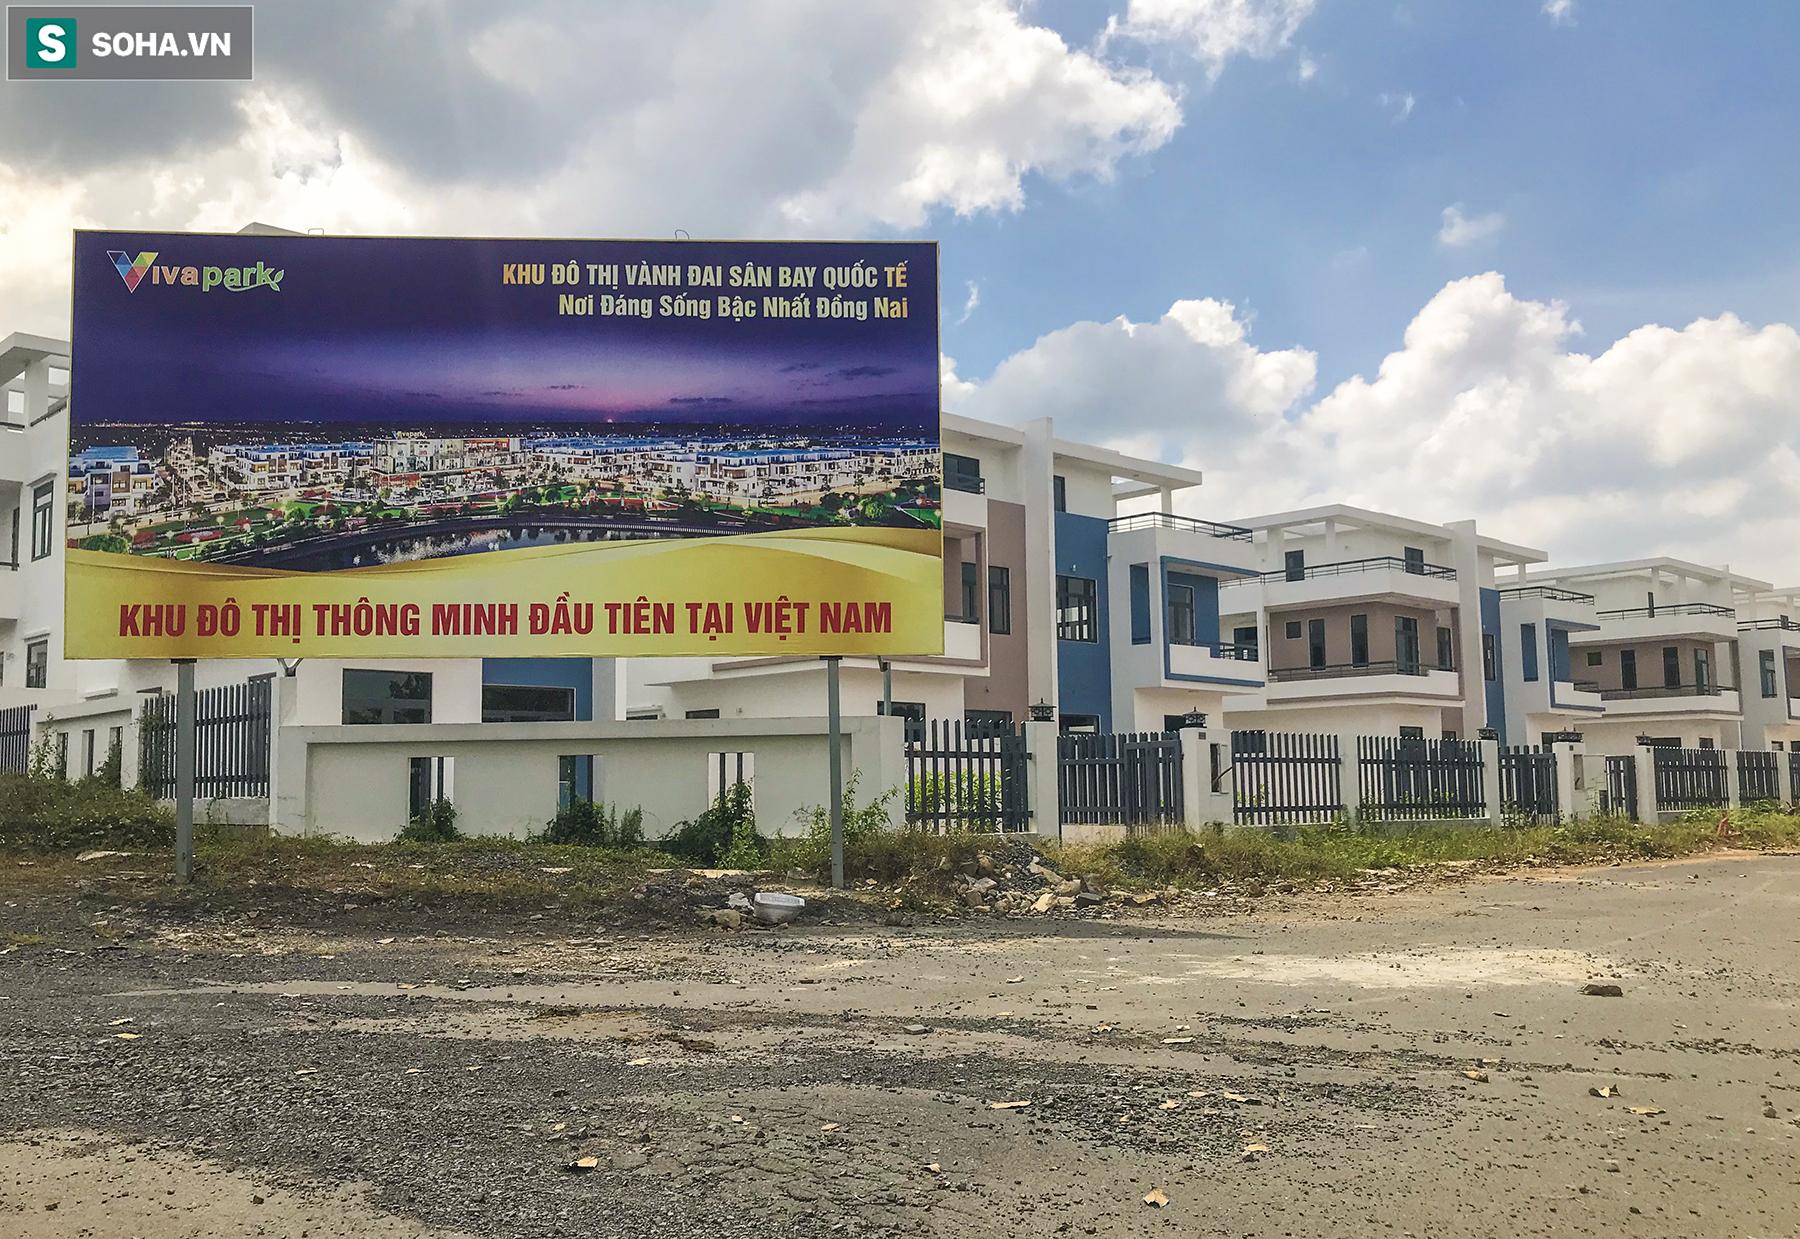 [Ảnh] Cận cảnh dự án với gần 700 căn nhà trái phép, được quảng cáo là đô thị thông minh đầu tiên tại Việt Nam - Ảnh 3.